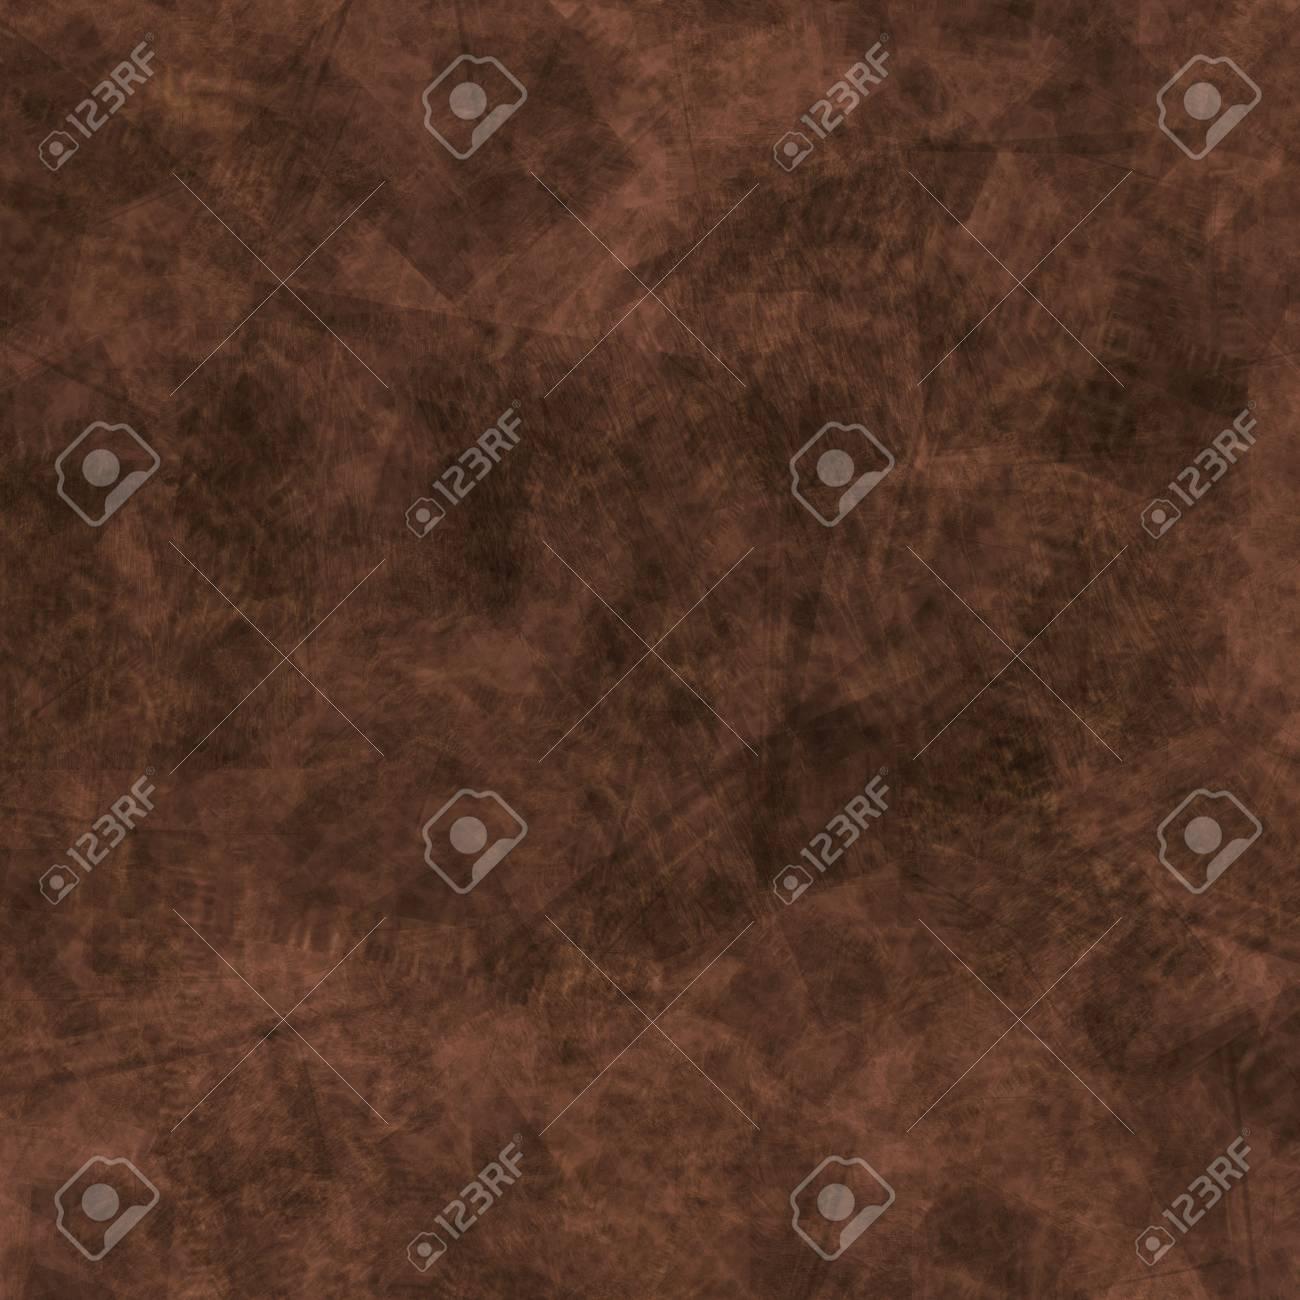 grunge background Stock Photo - 12194427